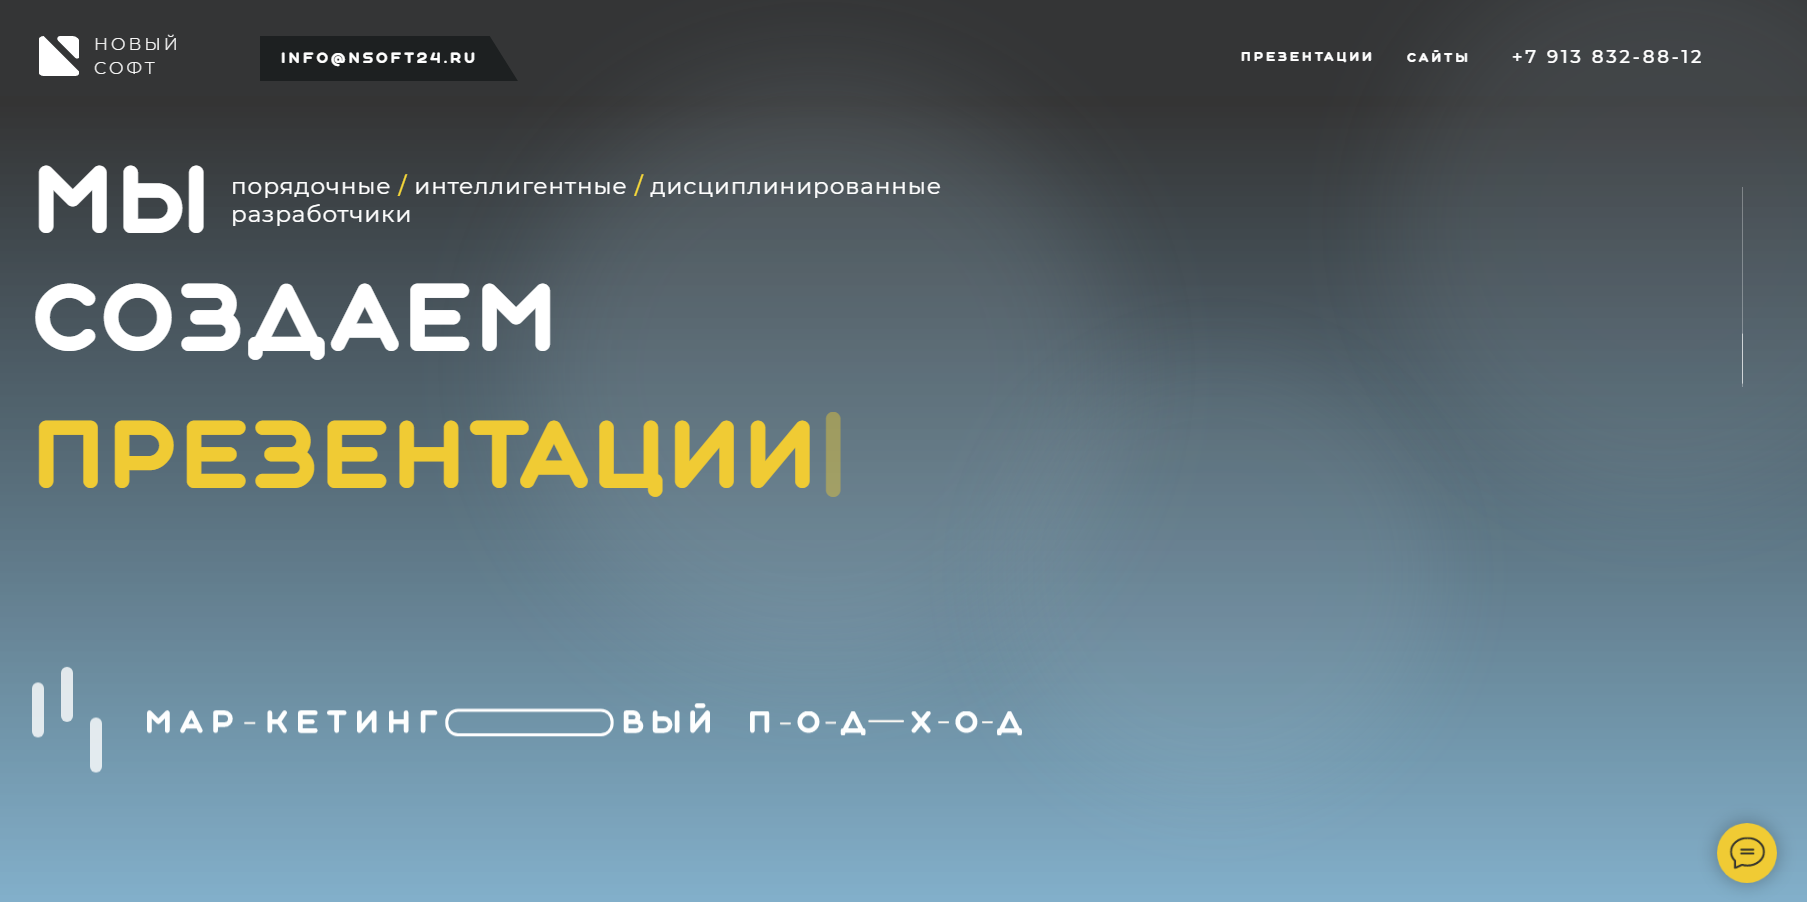 (c) Nsoft24.ru